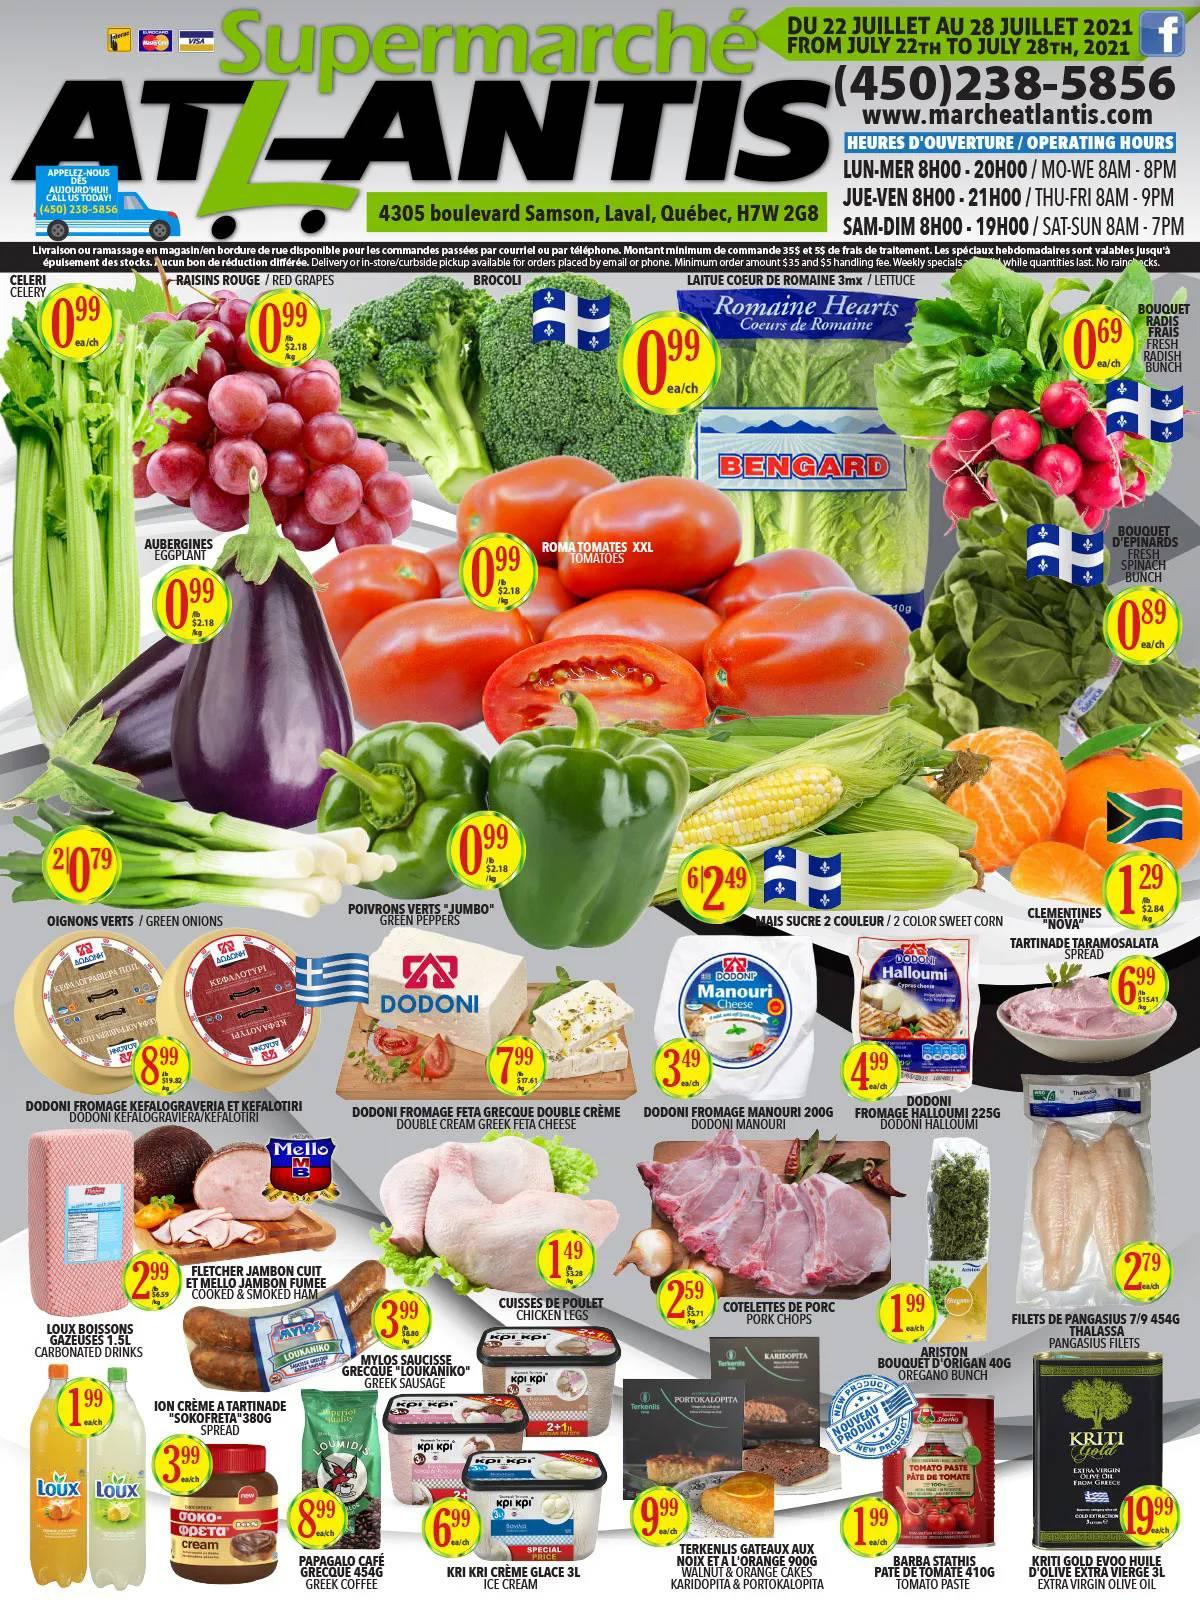 Circulaire Supermarché Atlantis Du 22 Au 28 Juillet 2021 - Page 1